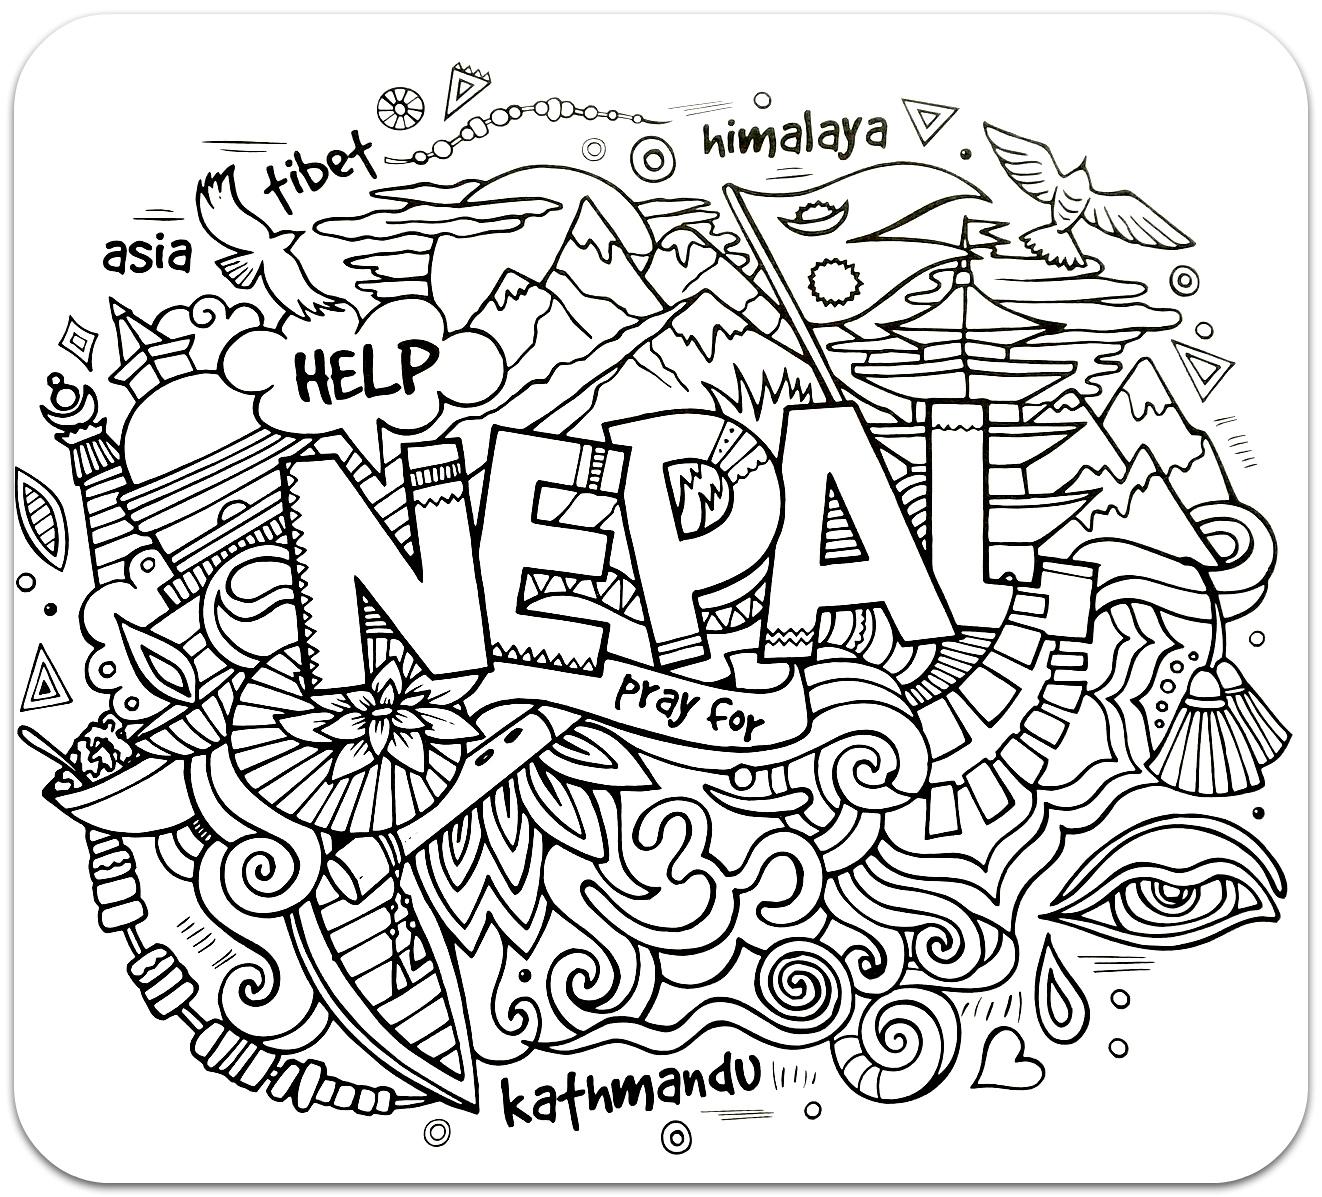 розмальовки для дорослих, розмальовки антистрес, країни, подорож,  сложные раскраски антистресс, страны, путешествия, непал